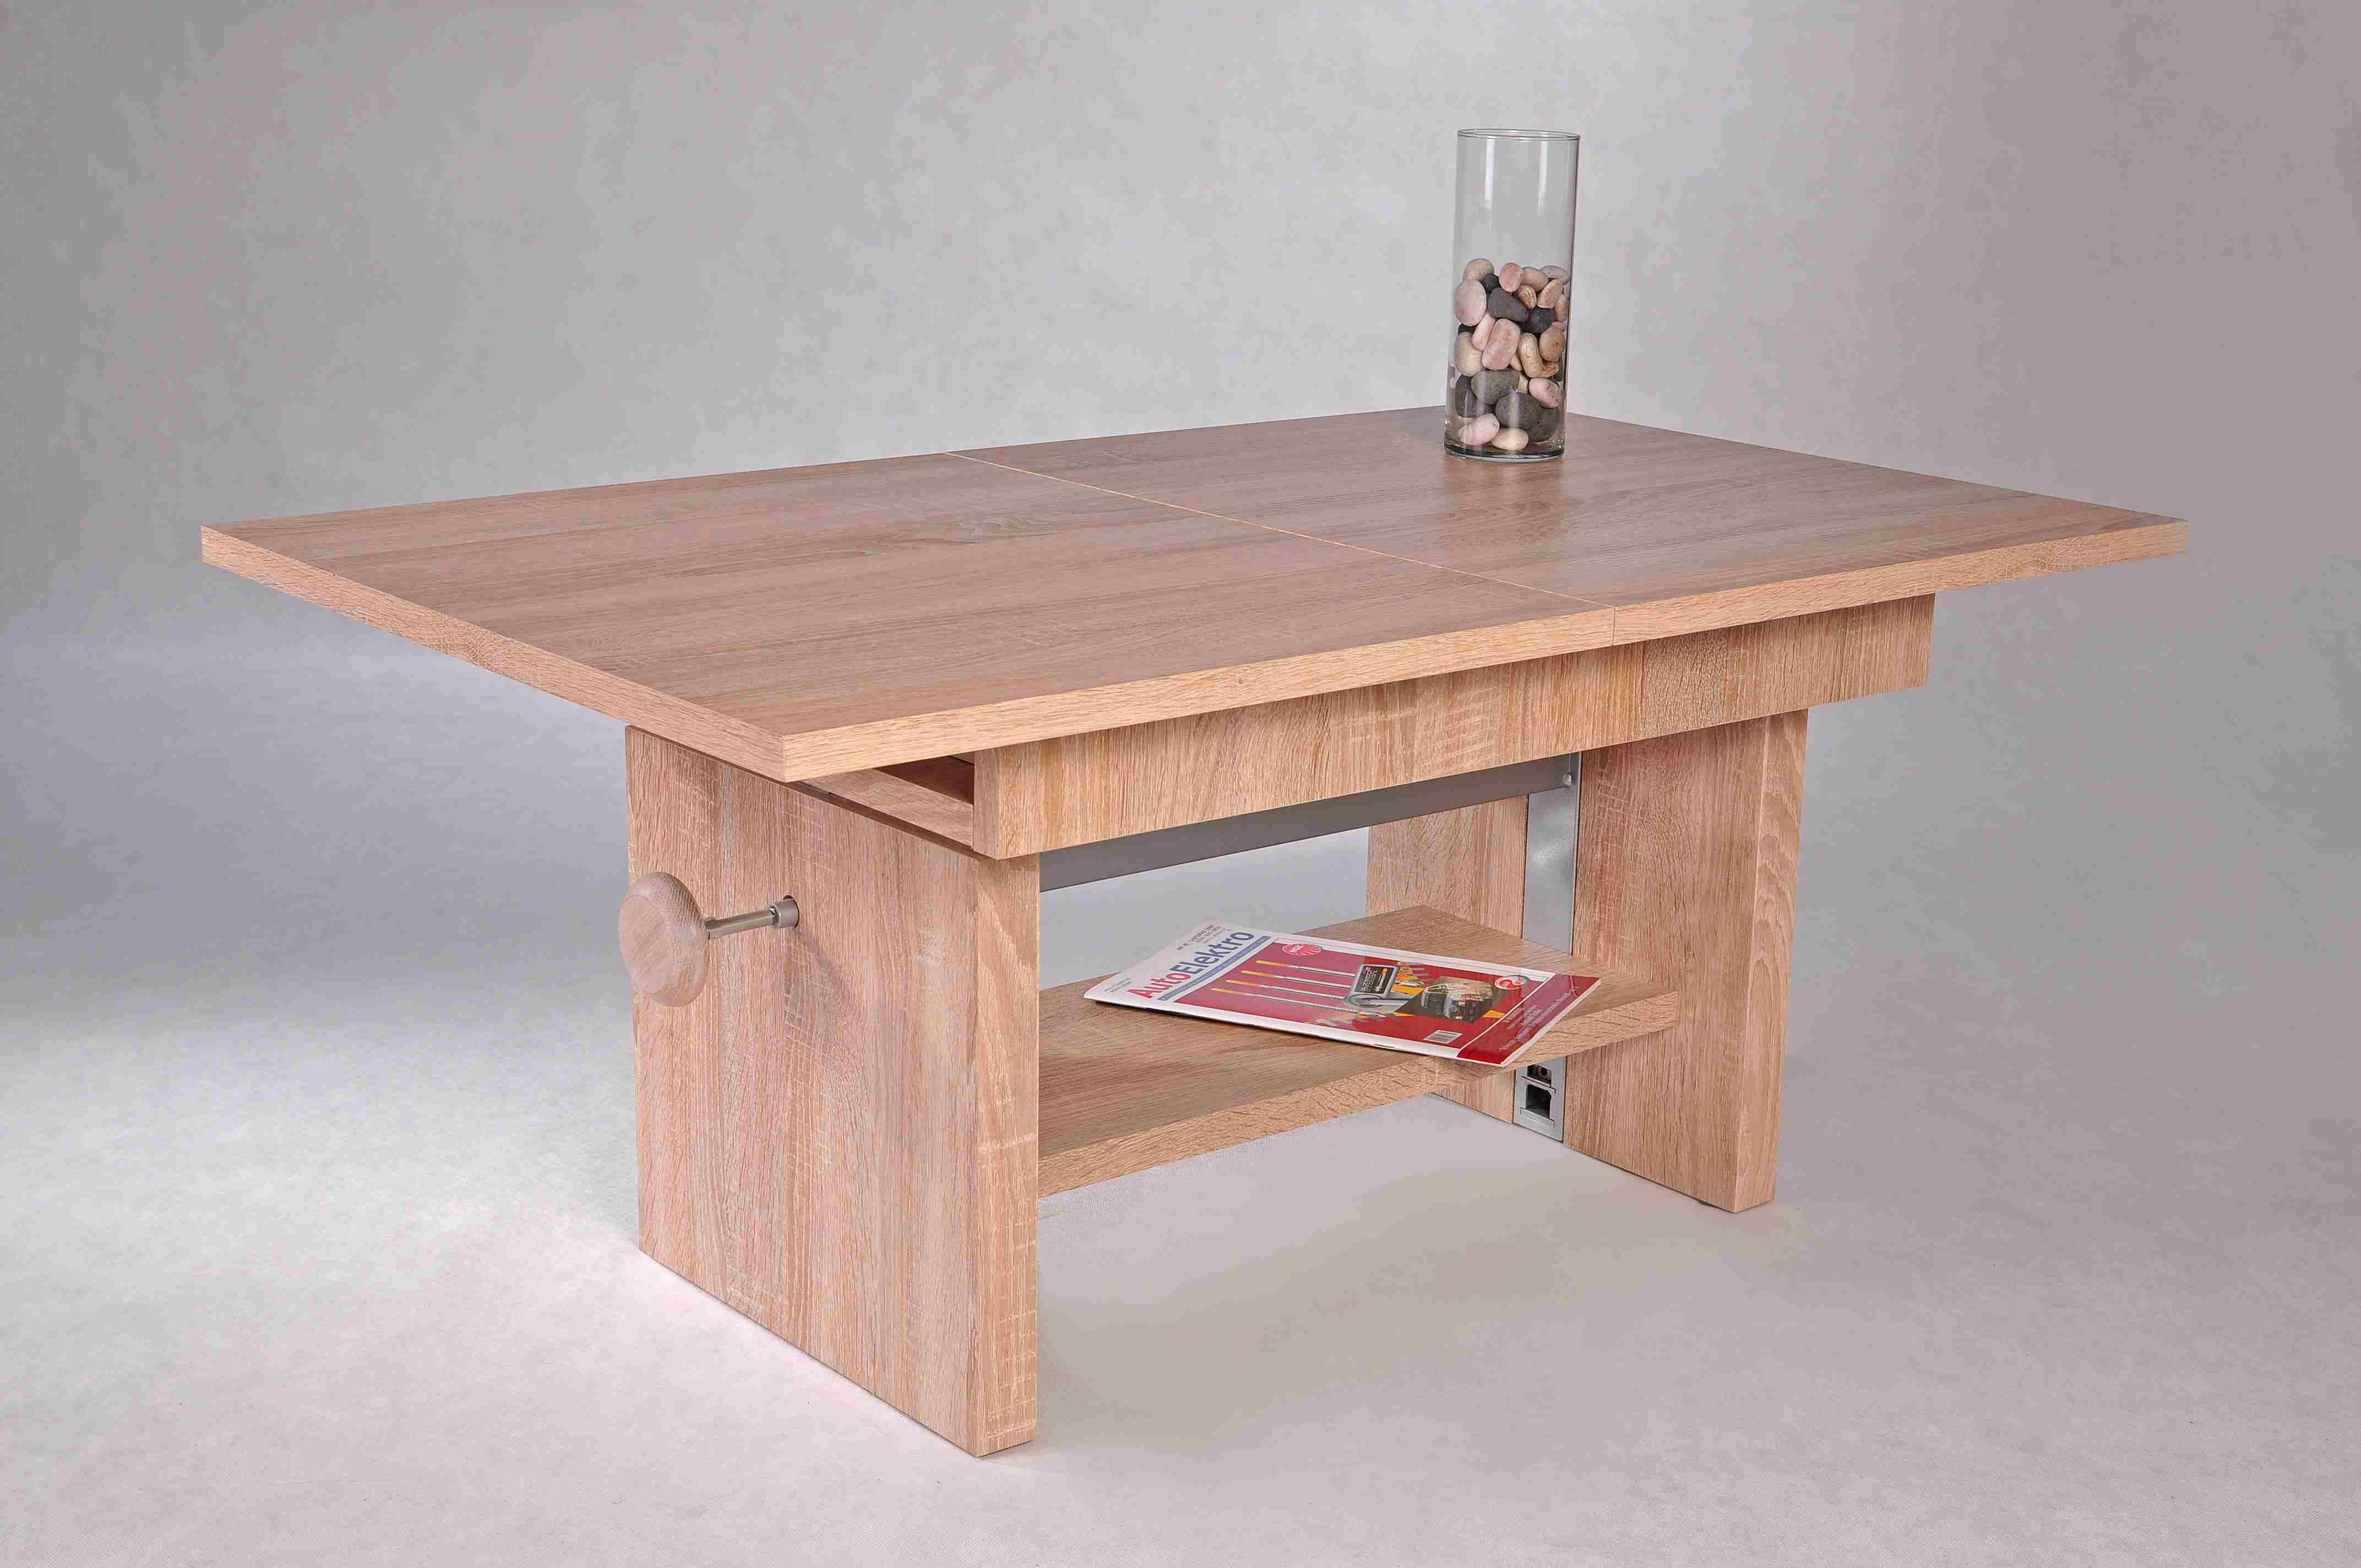 Couchtisch EVENT Wohnzimmertisch Beistelltisch Tisch